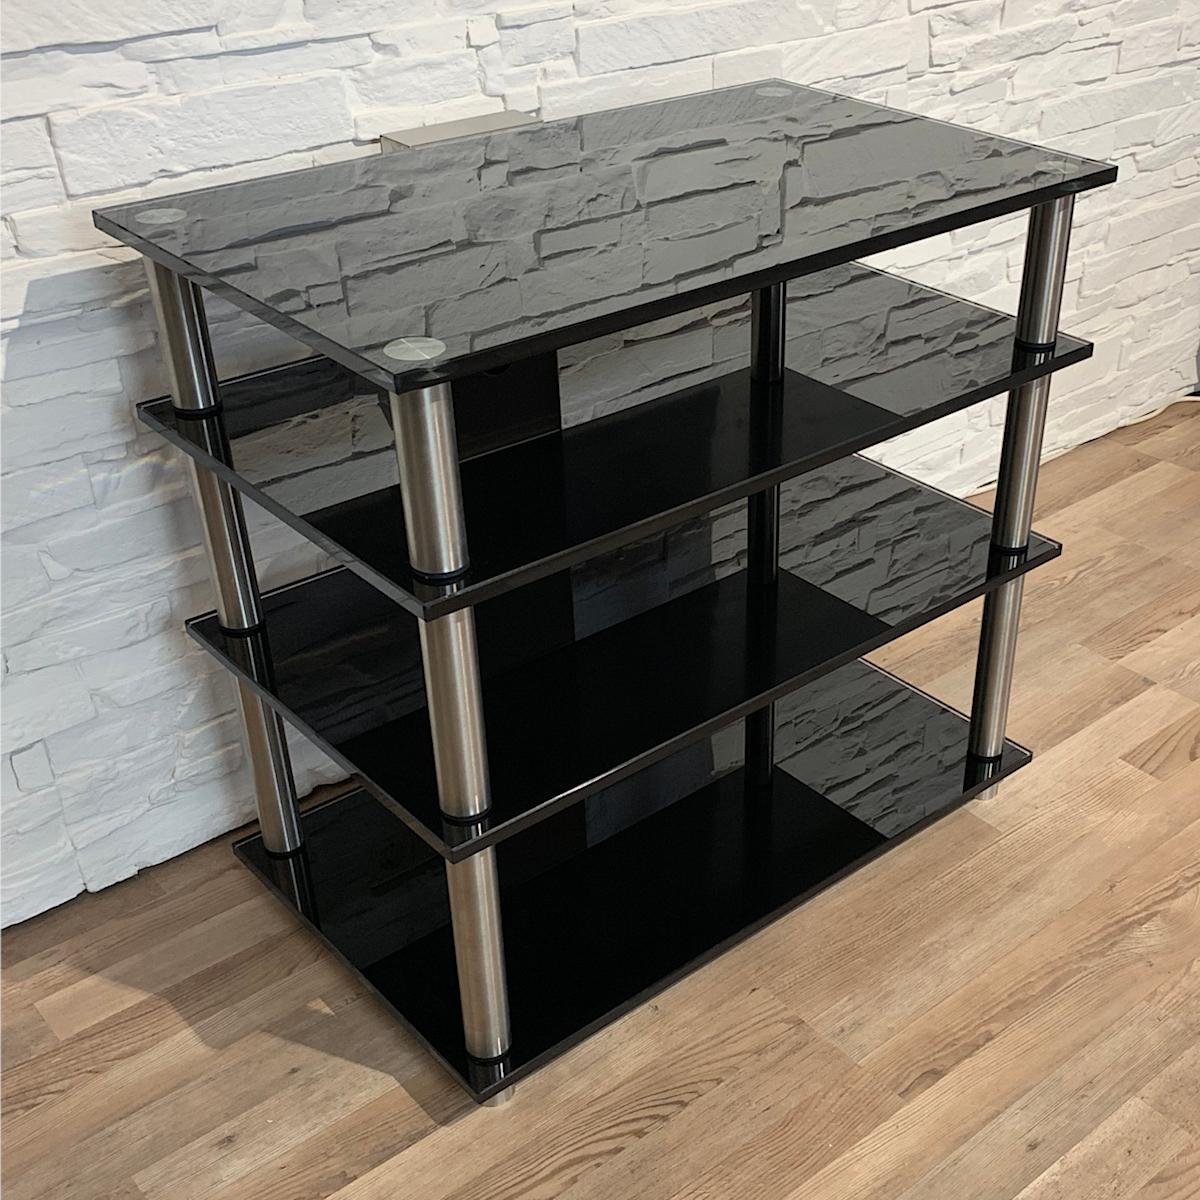 Hifiregal aus Glas, Hifi Glasmöbel, Board, Schrank, Tisch, Glass Concept, unterbringung von Hifi Geräten, mit vier Ebenen, frei gestalten nach Wunsch.